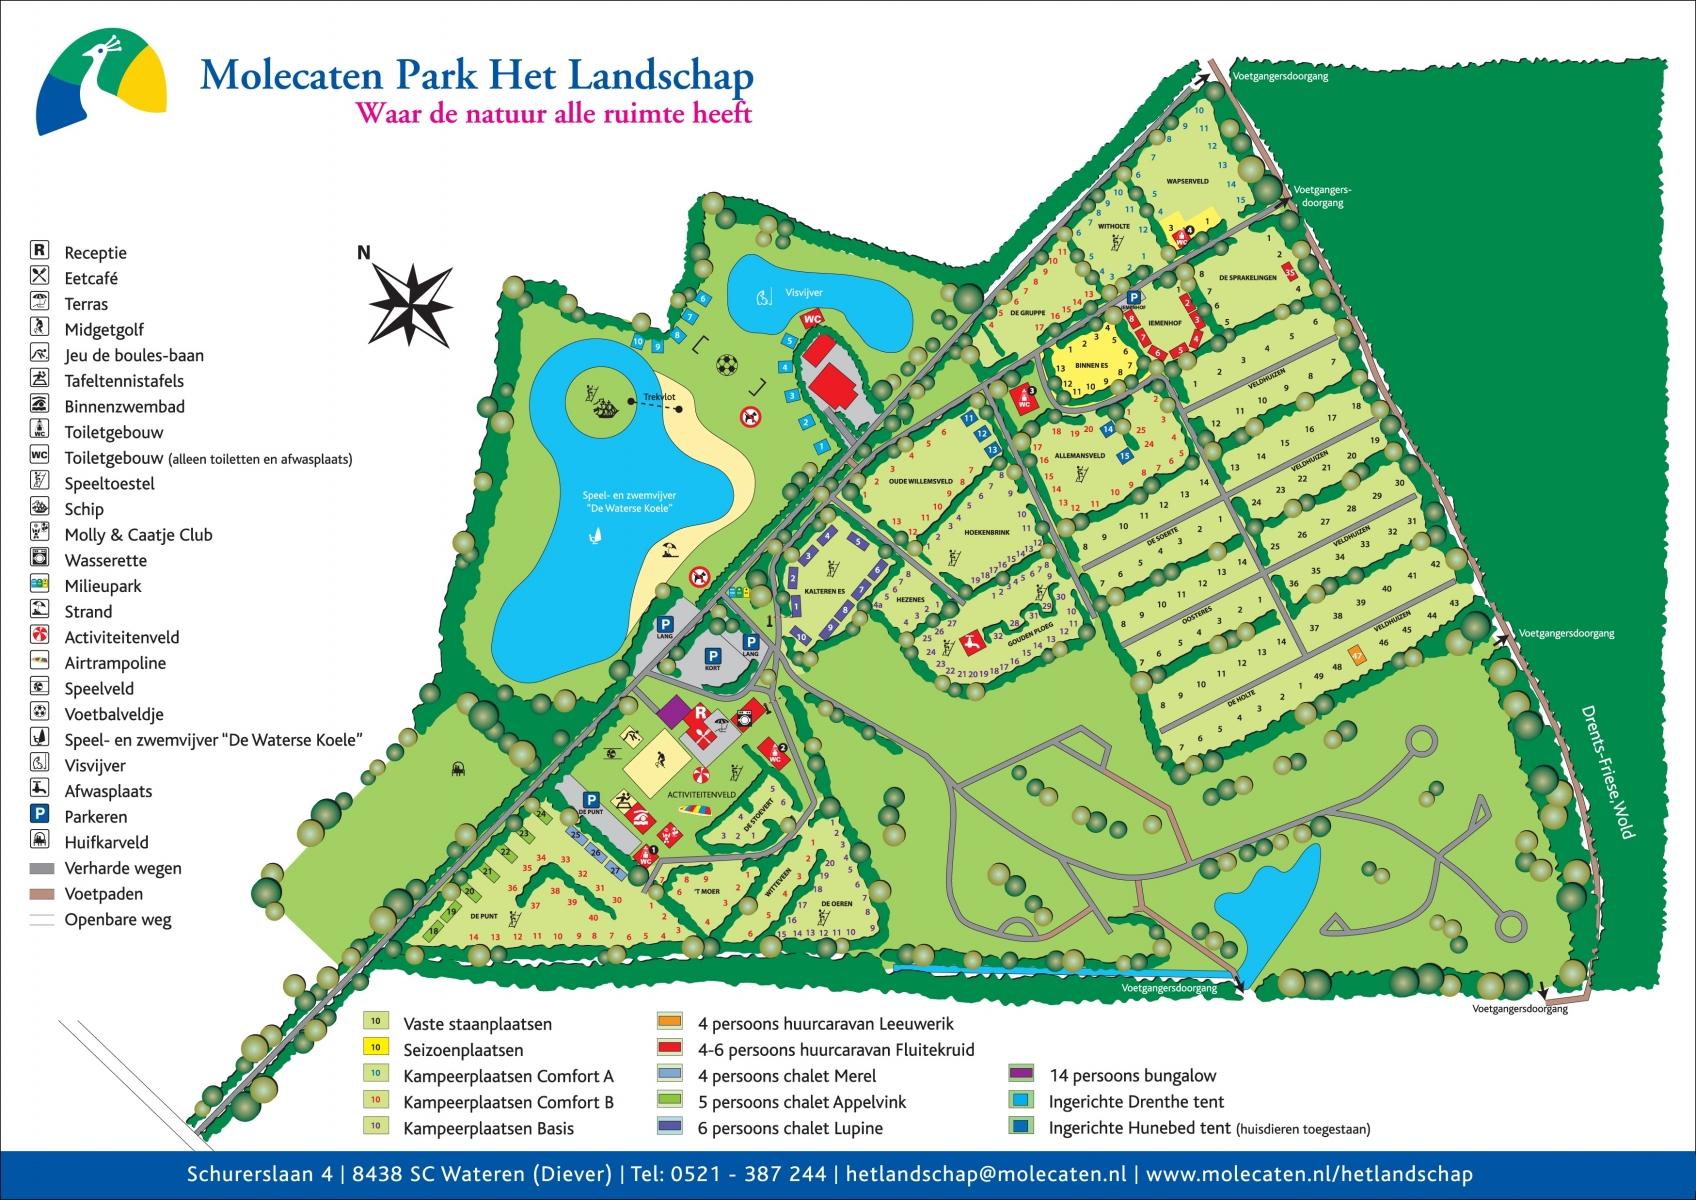 Molecaten Park Het Landschap